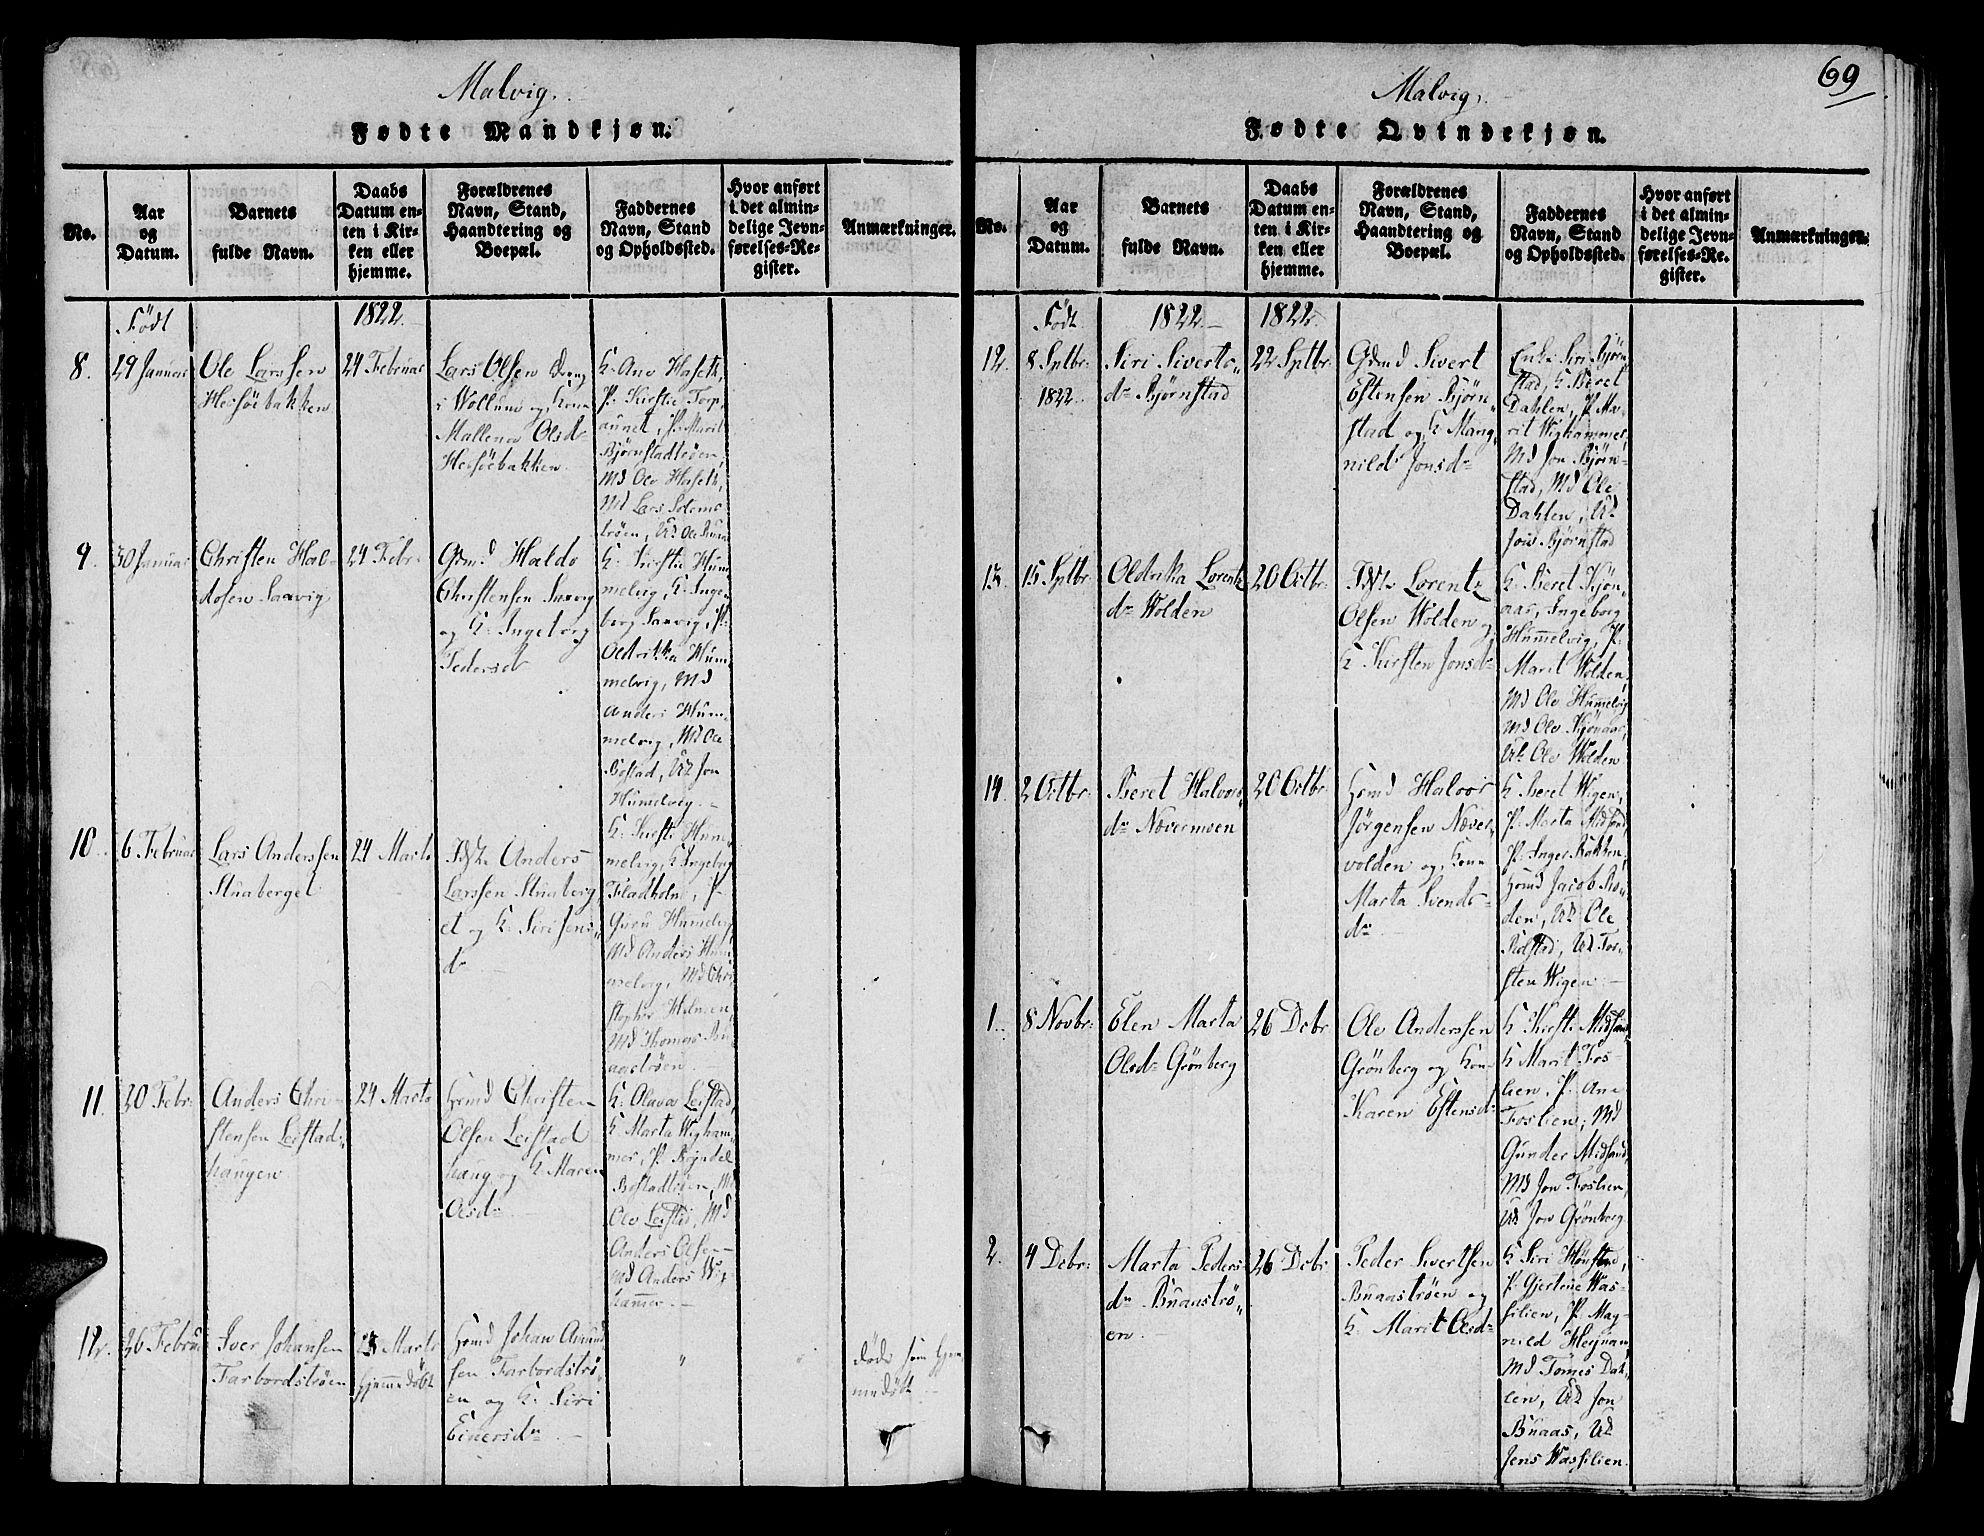 SAT, Ministerialprotokoller, klokkerbøker og fødselsregistre - Sør-Trøndelag, 606/L0284: Ministerialbok nr. 606A03 /2, 1819-1823, s. 69